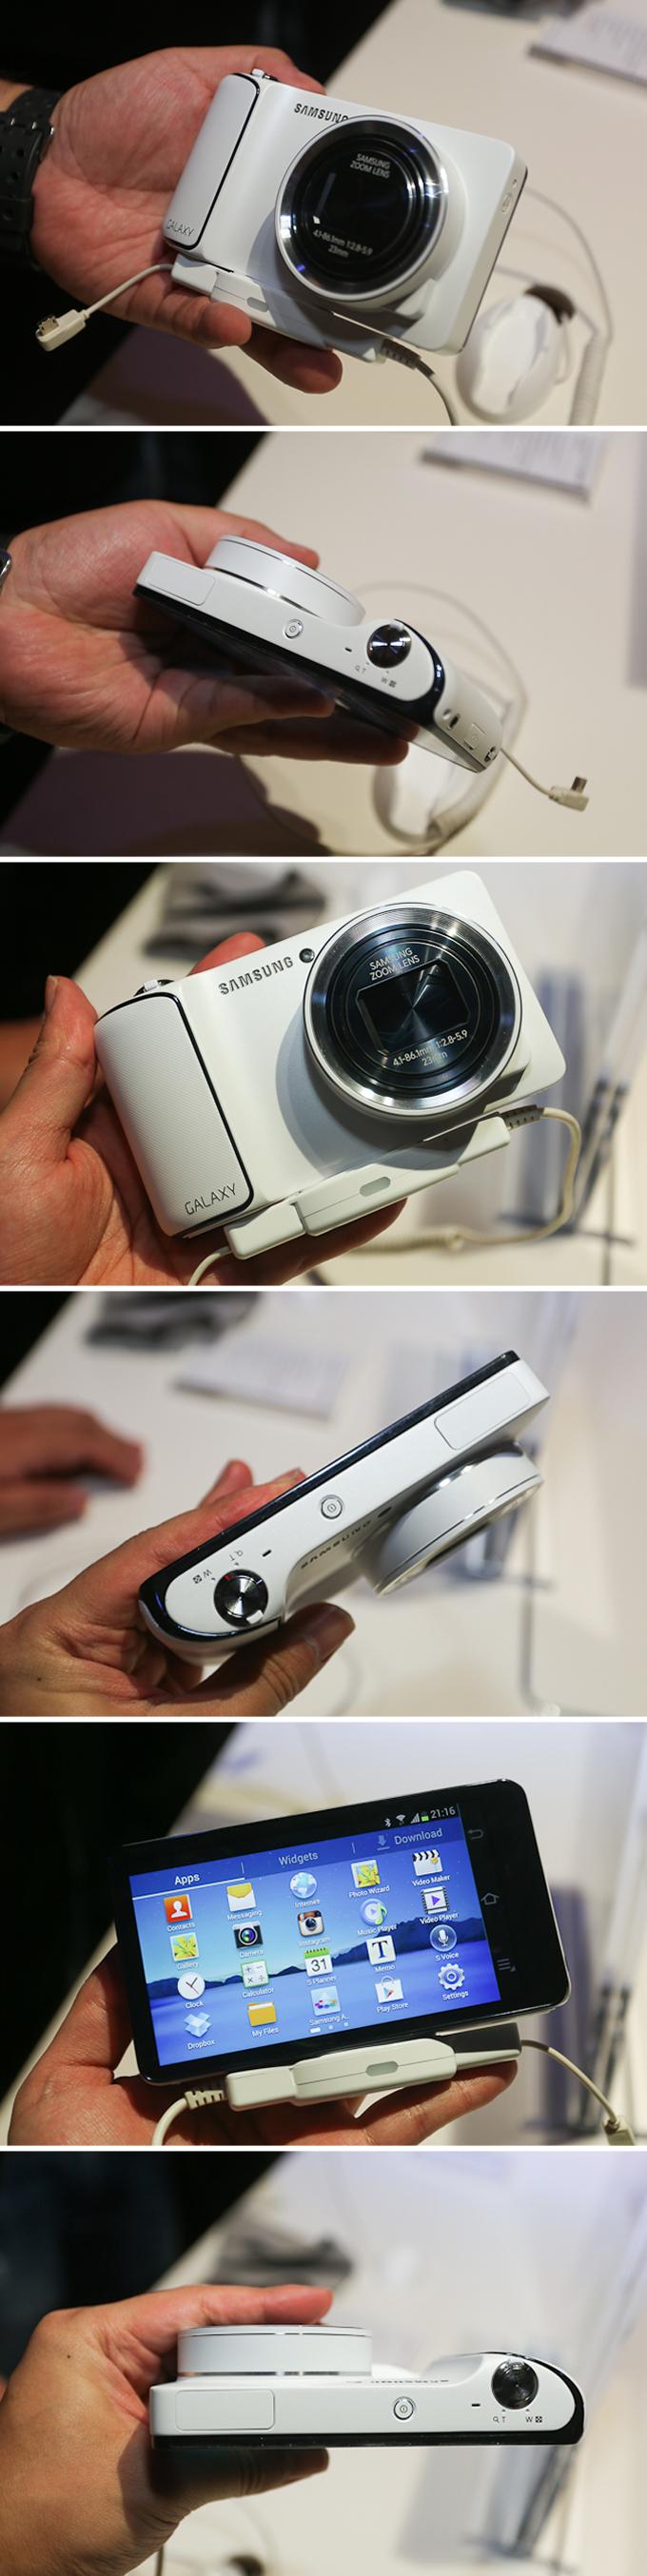 다양한 각도에서 살펴본 갤럭시 카메라